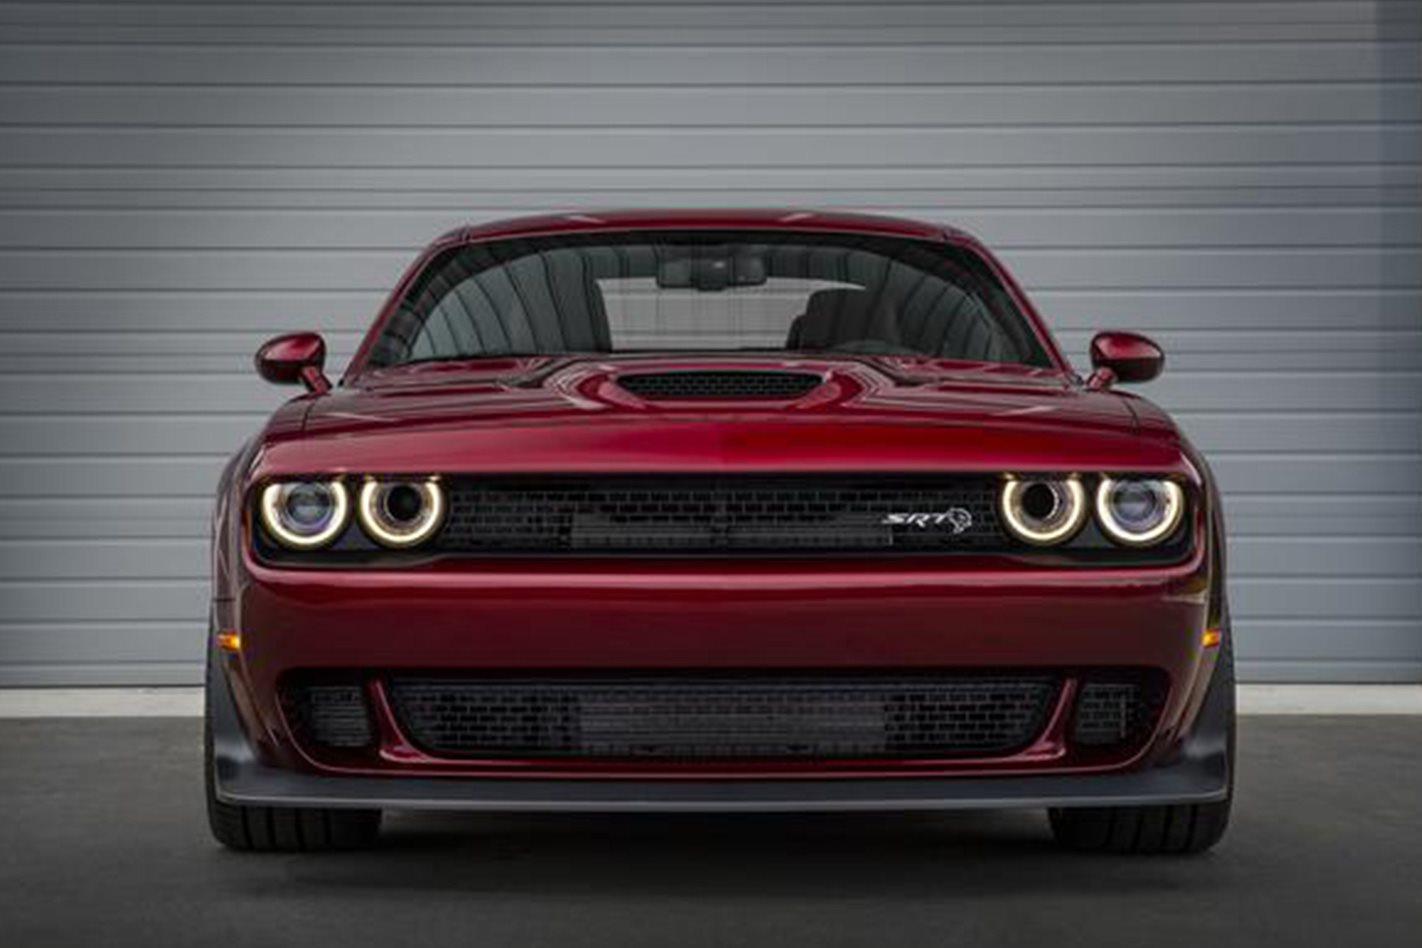 2018 Dodge Challenger SRT Hellcat Widebody front